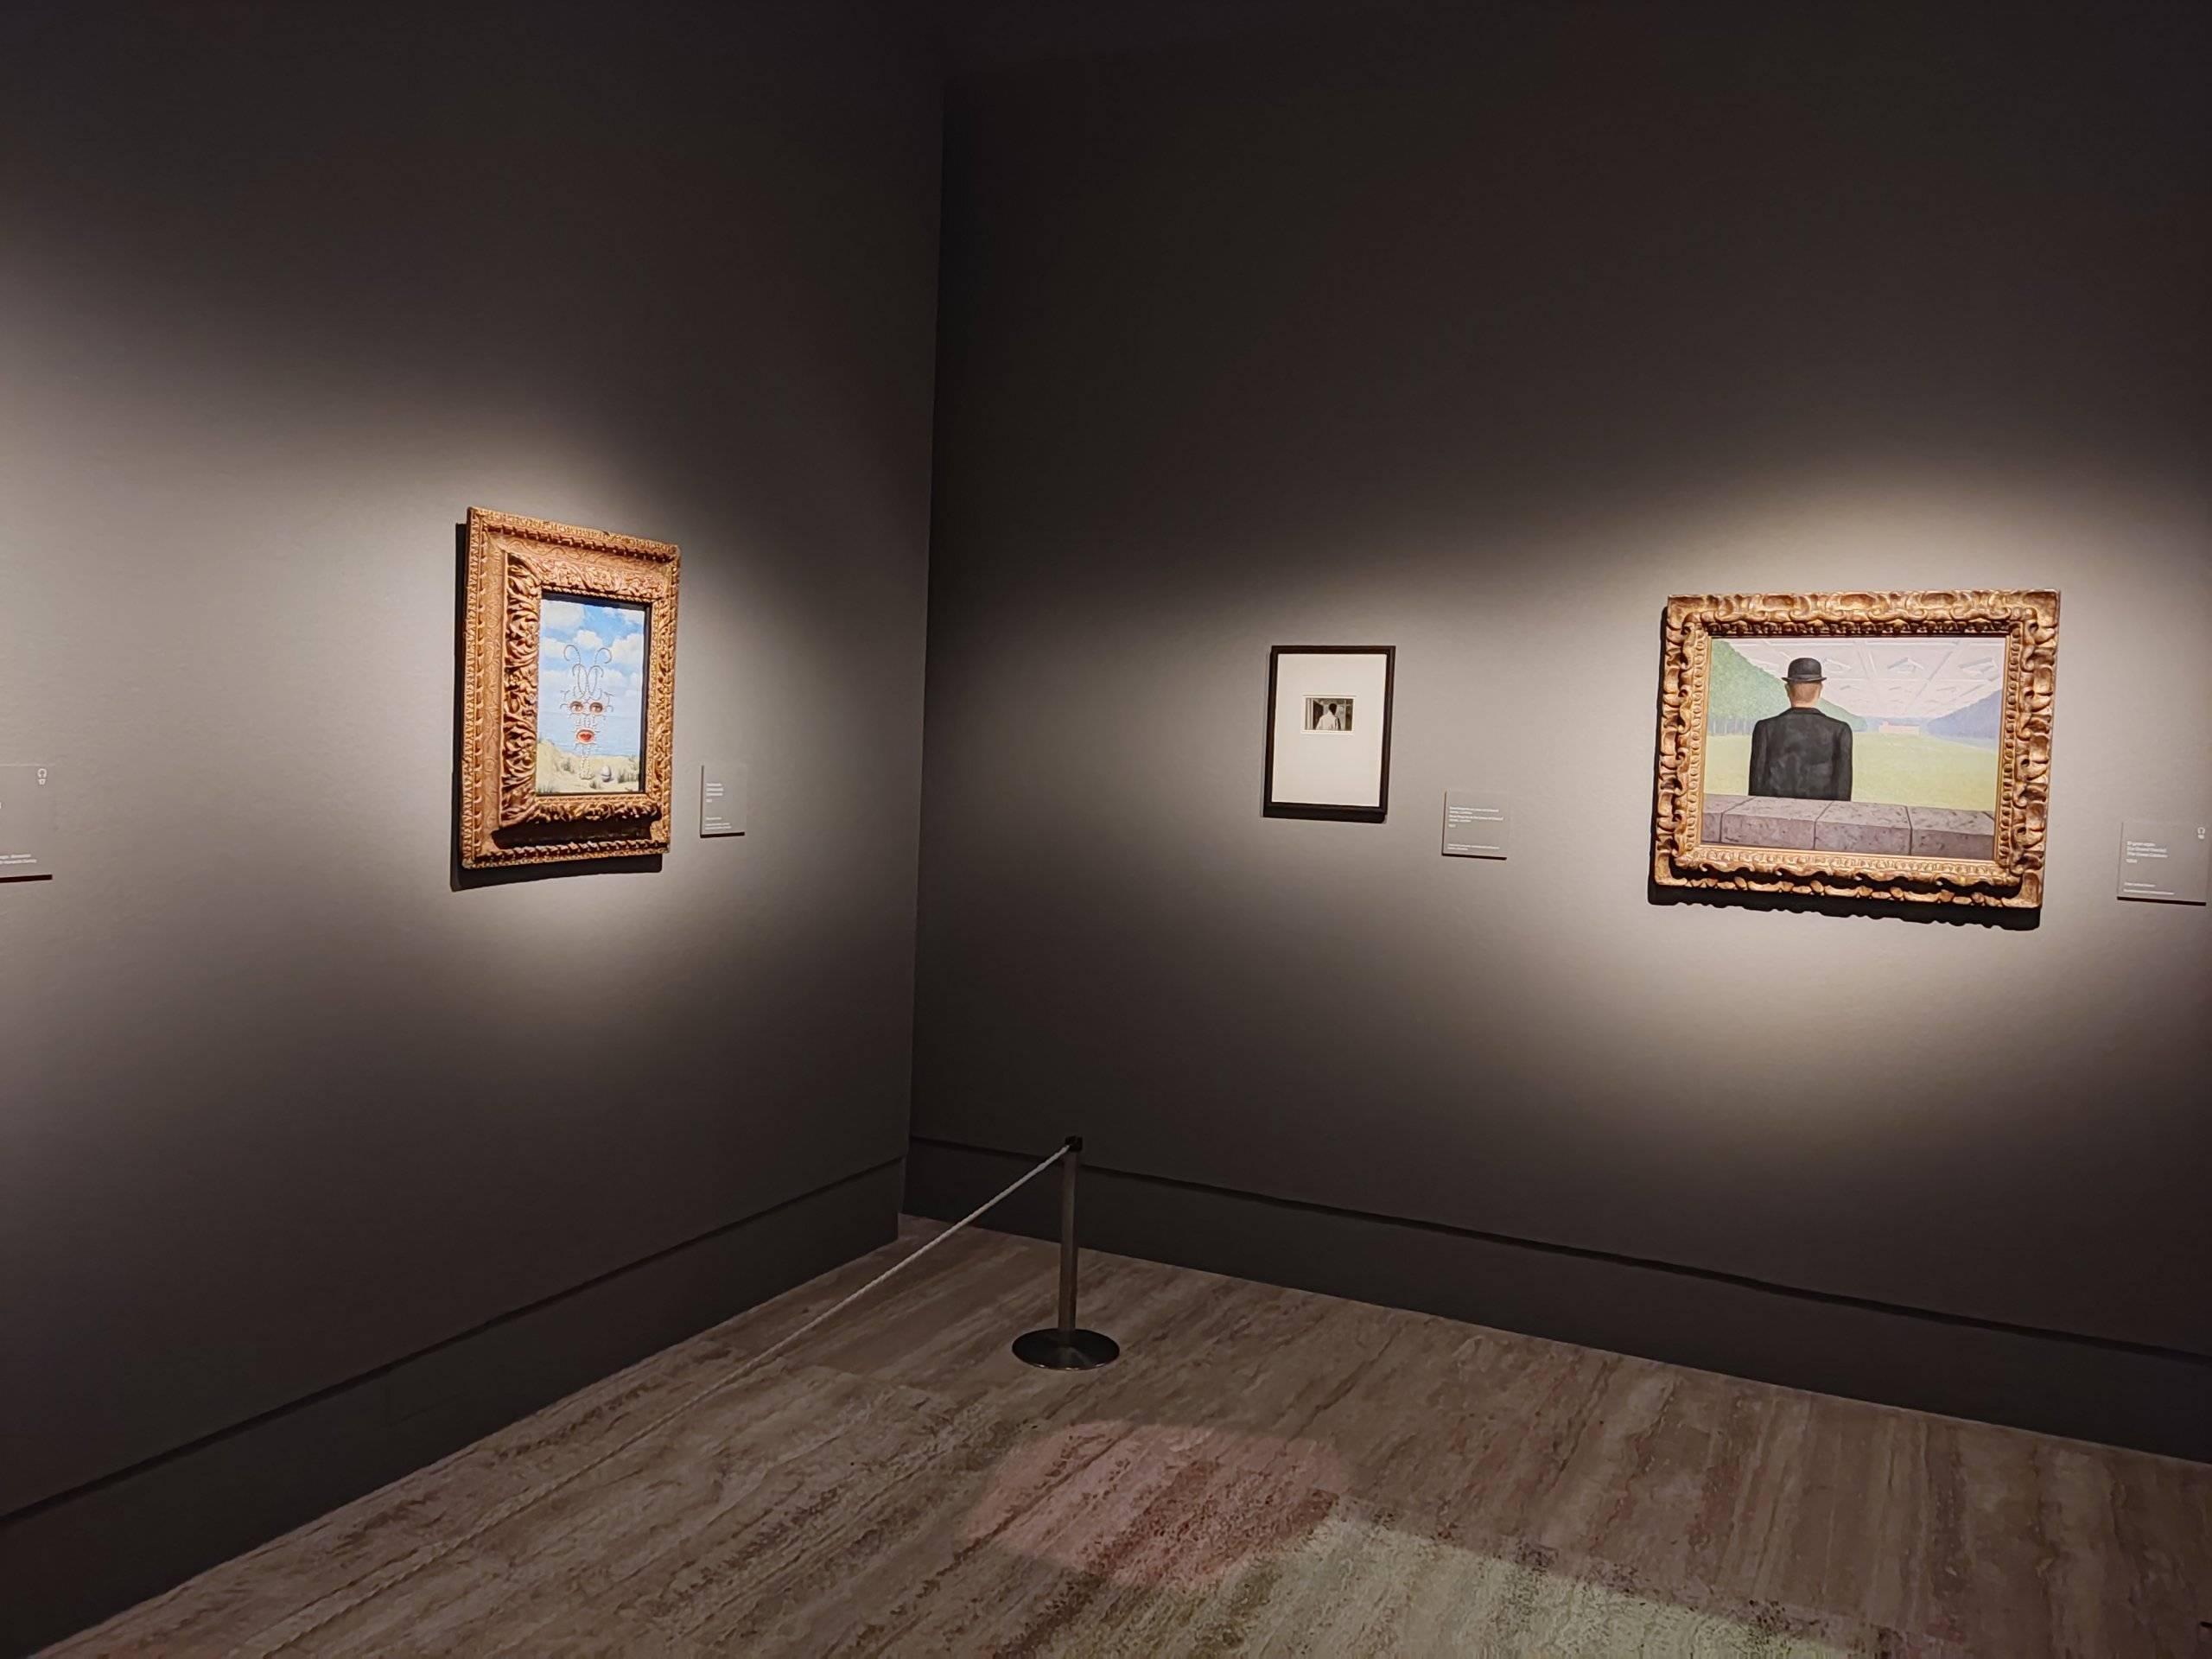 Imagen conferencia sobre Magritte.